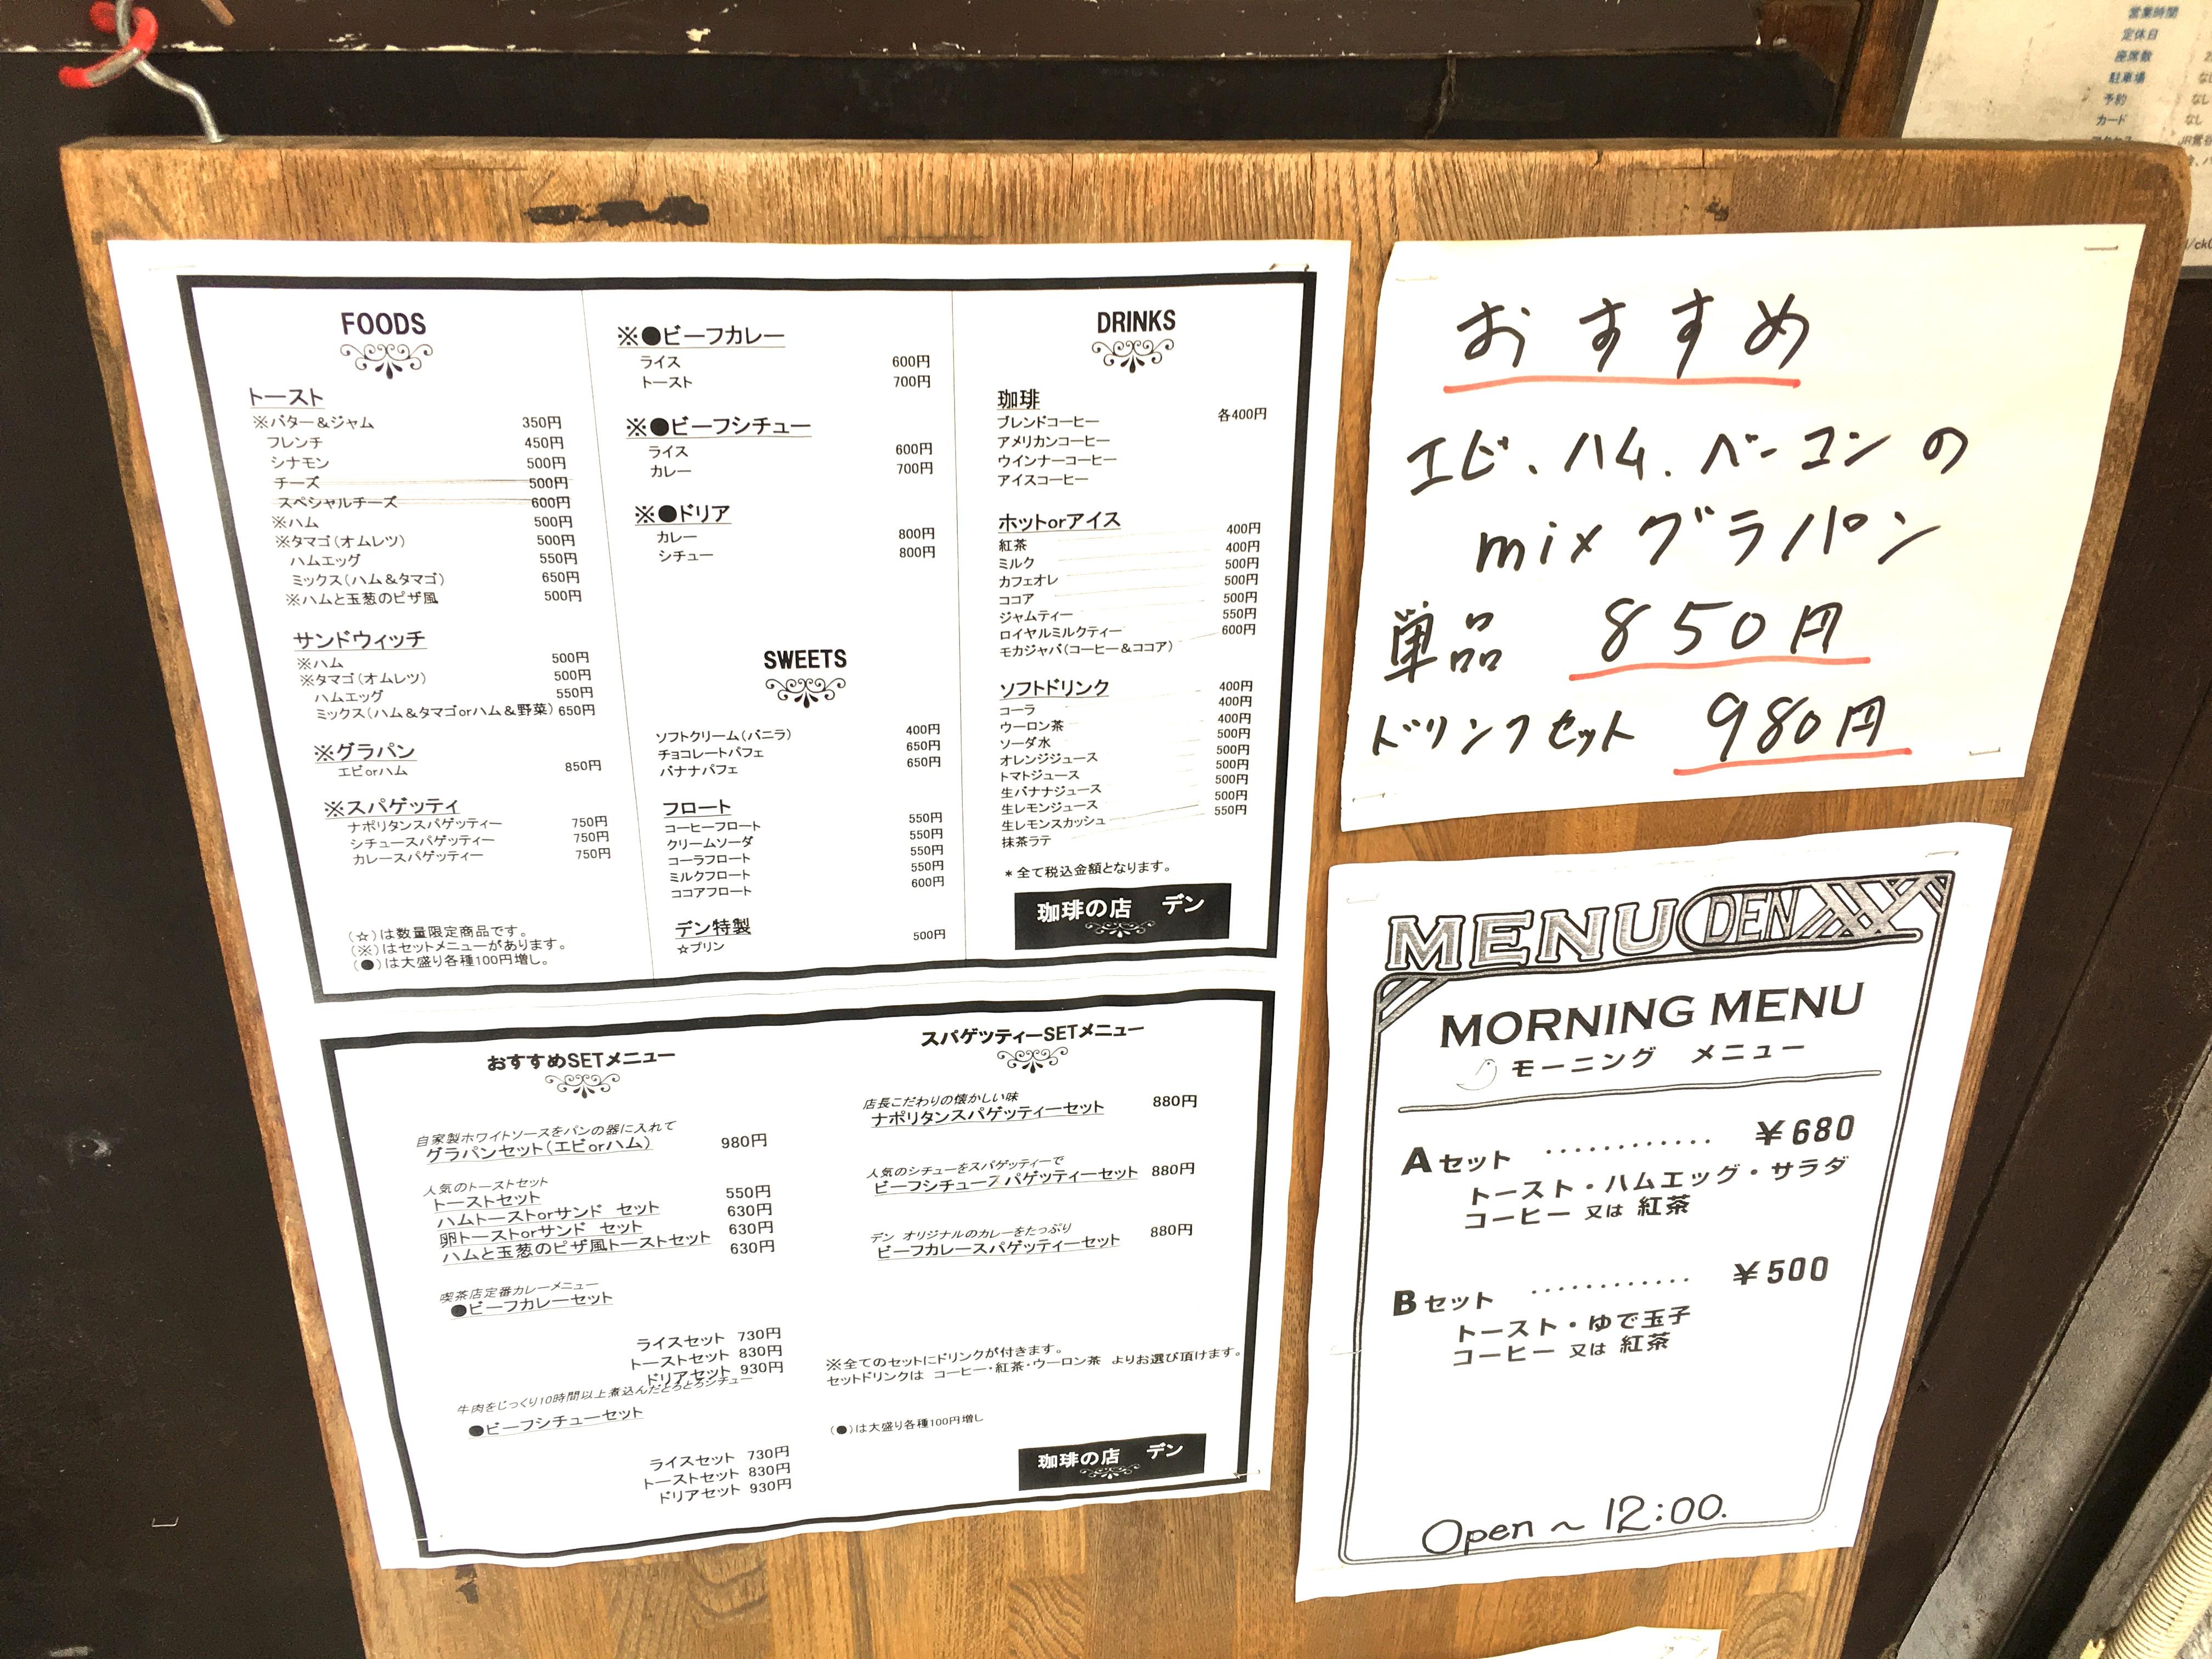 ドラマ「孤独のグルメ」にも登場した喫茶デンの堂々たる名物グラパン!